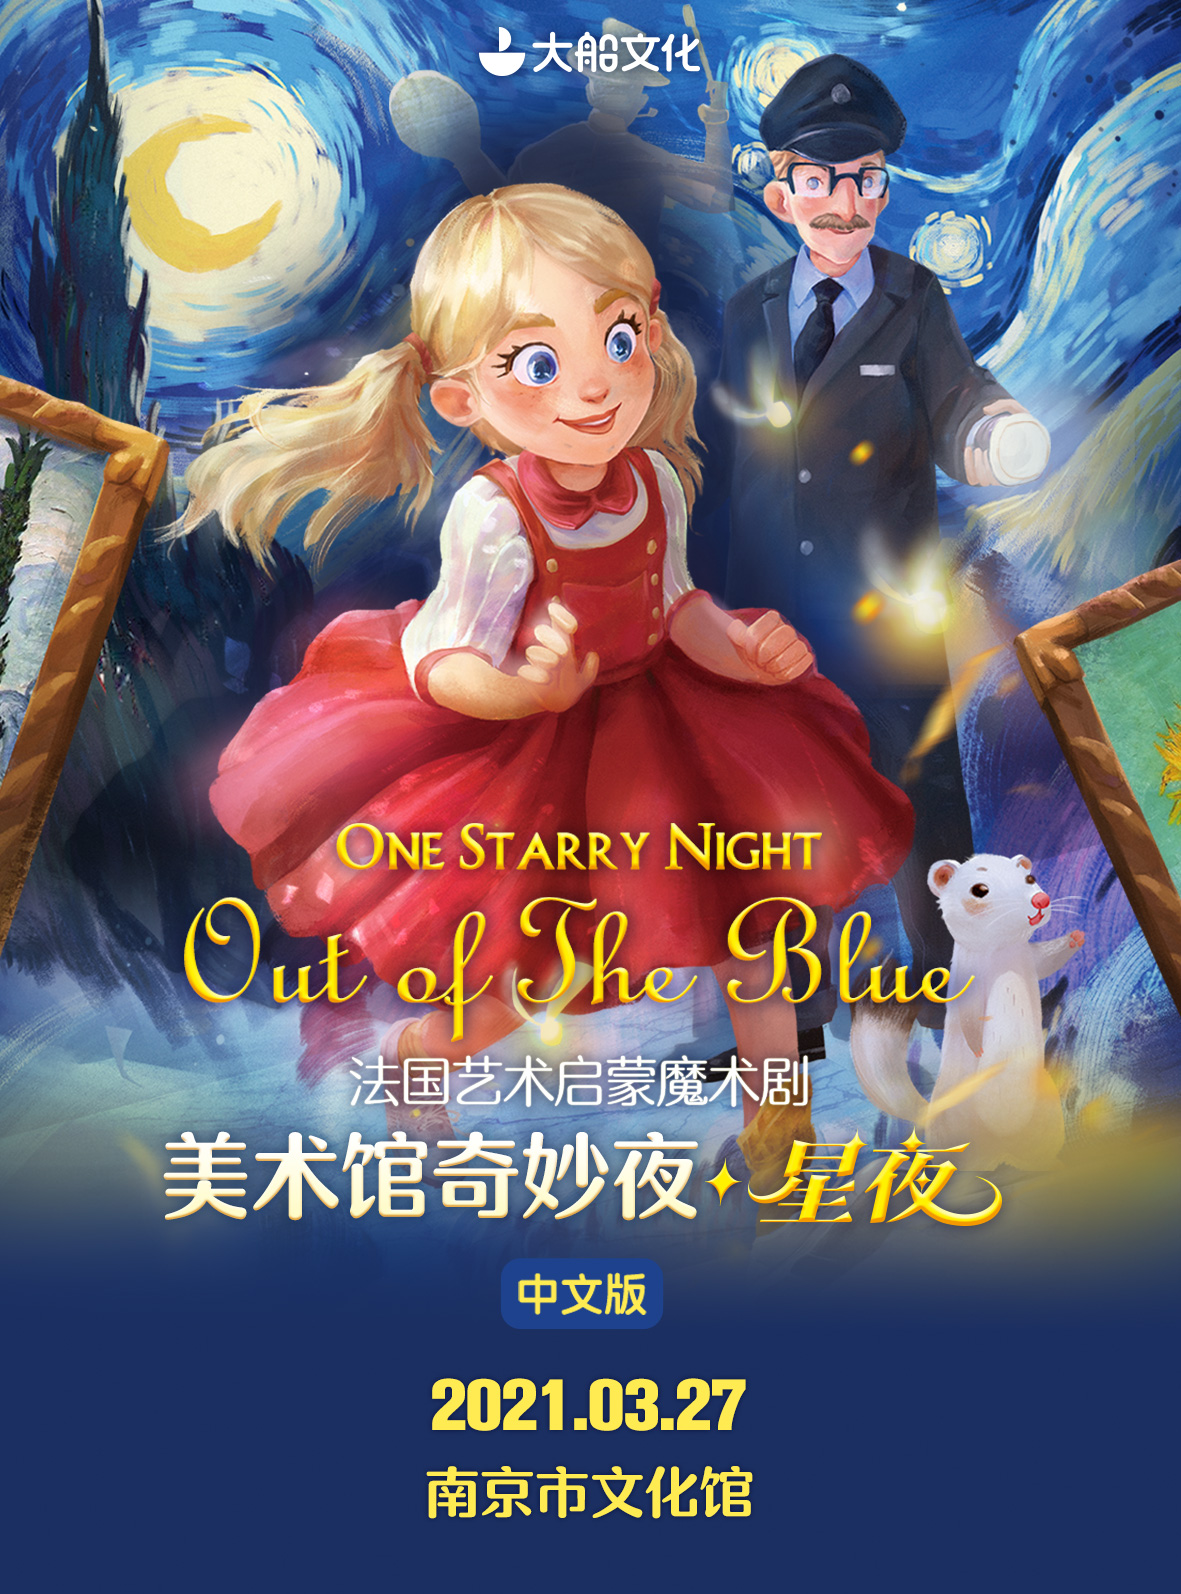 【南京】大船文化·法国艺术启蒙魔术剧《美术馆奇妙夜·星夜》中文版